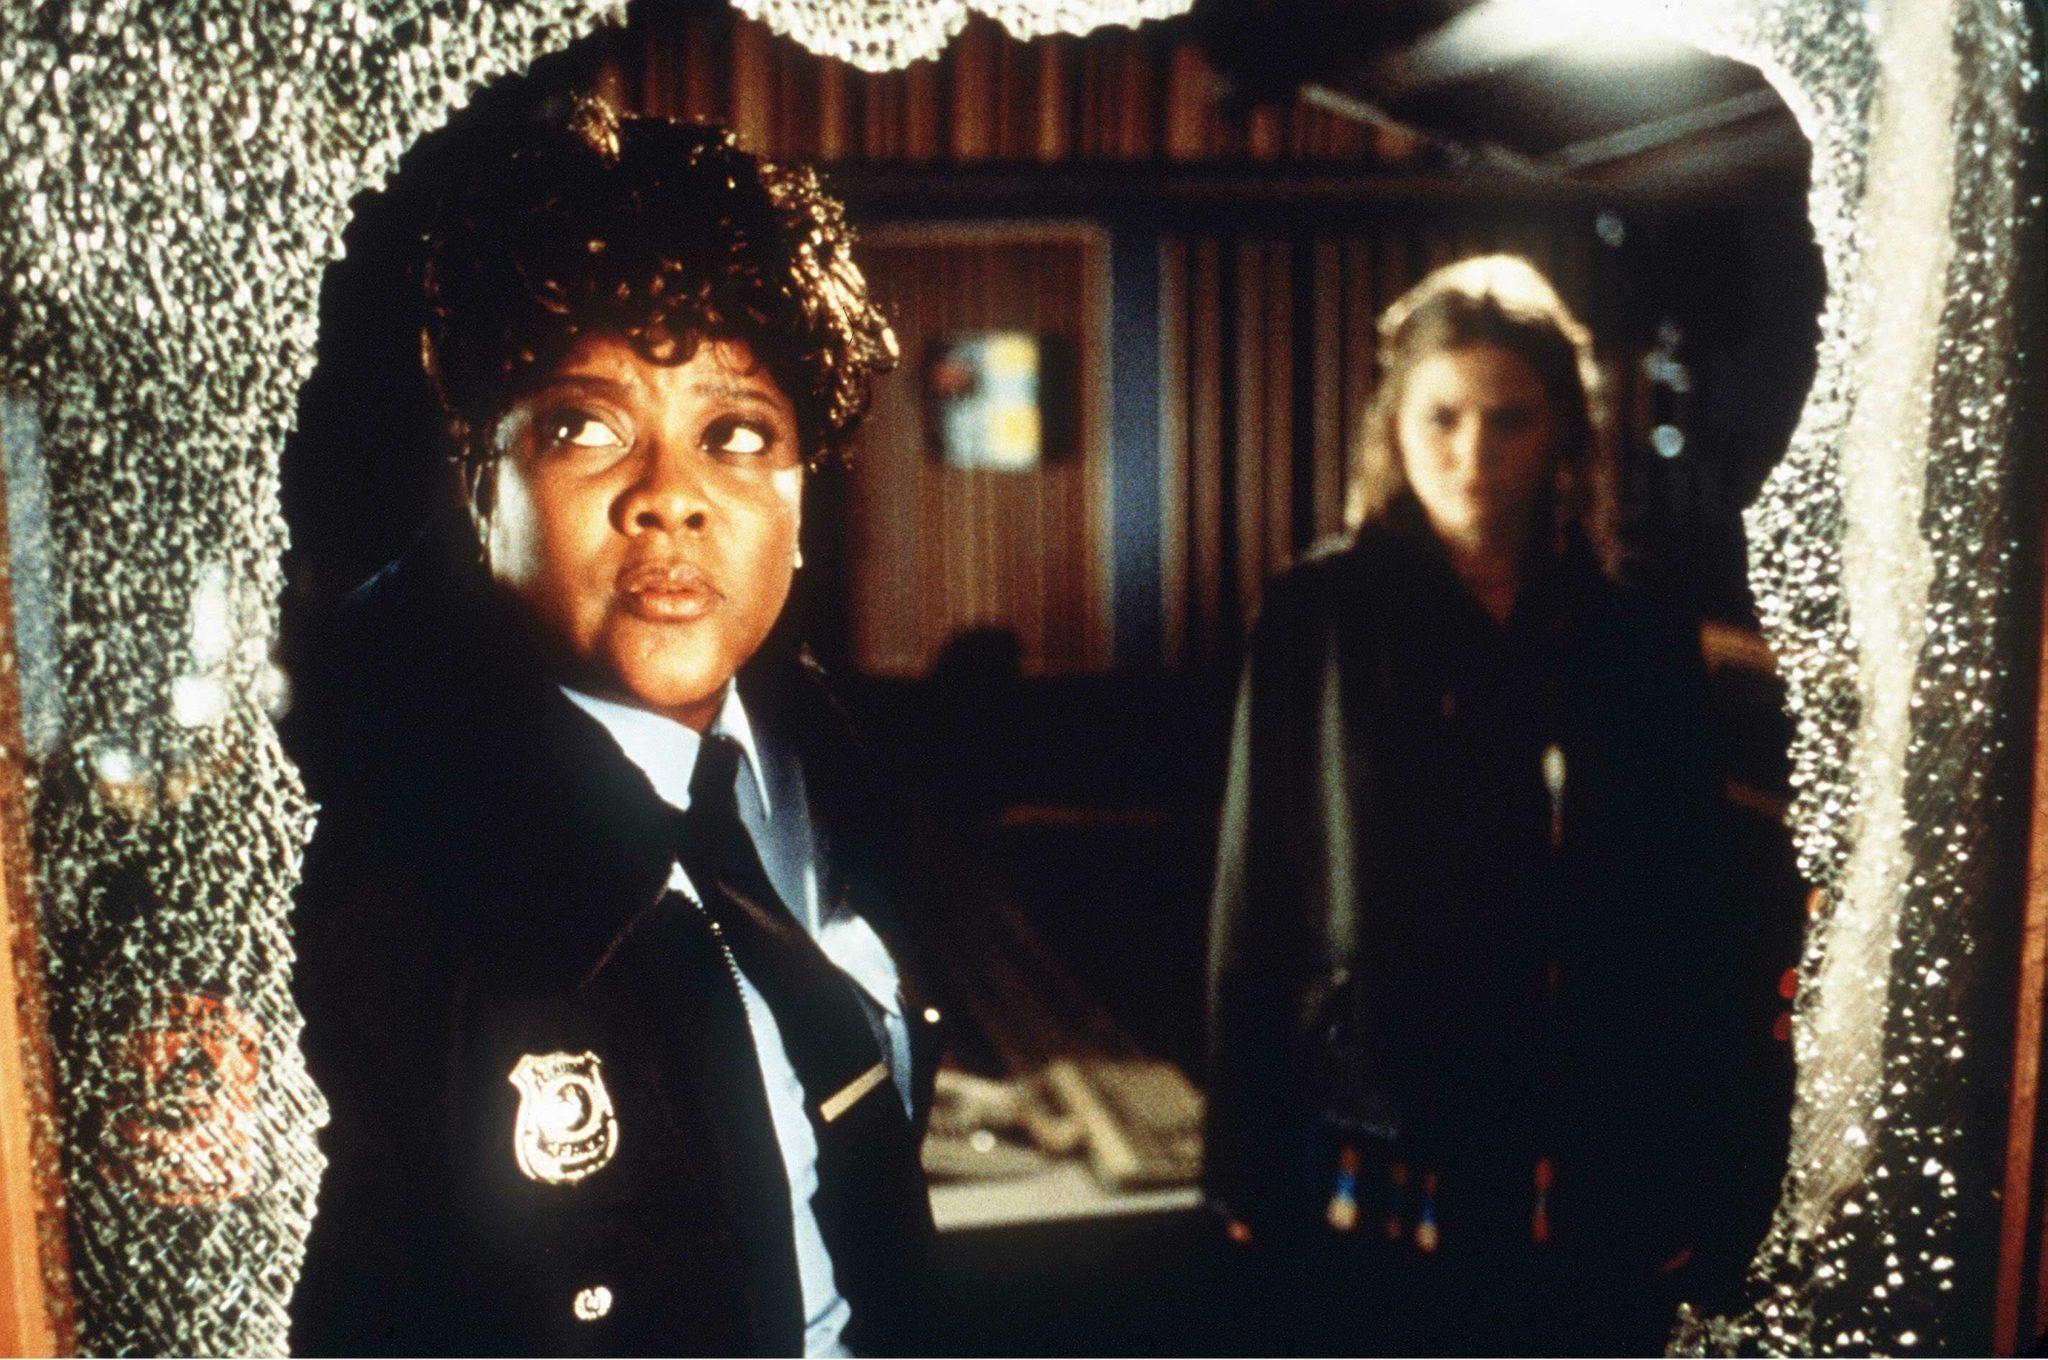 Loretta Devine als Reese und Jennifer Morrison als Amy blicken auf eine zersprungene Glasscheibe in Duestere Legenden 2.